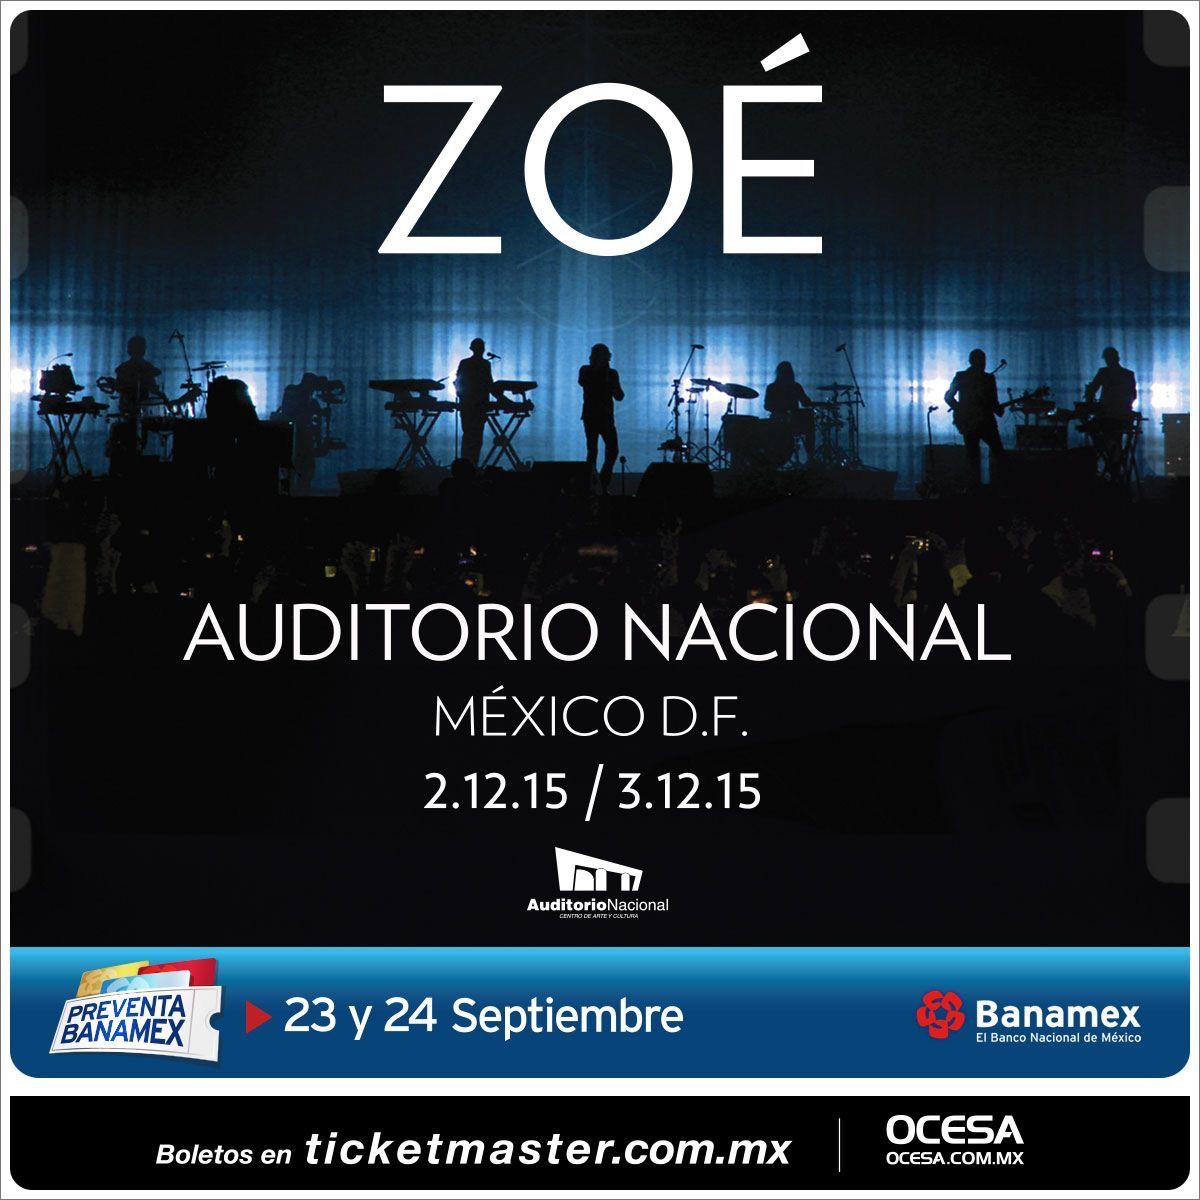 Zoe_Auditorio_2015